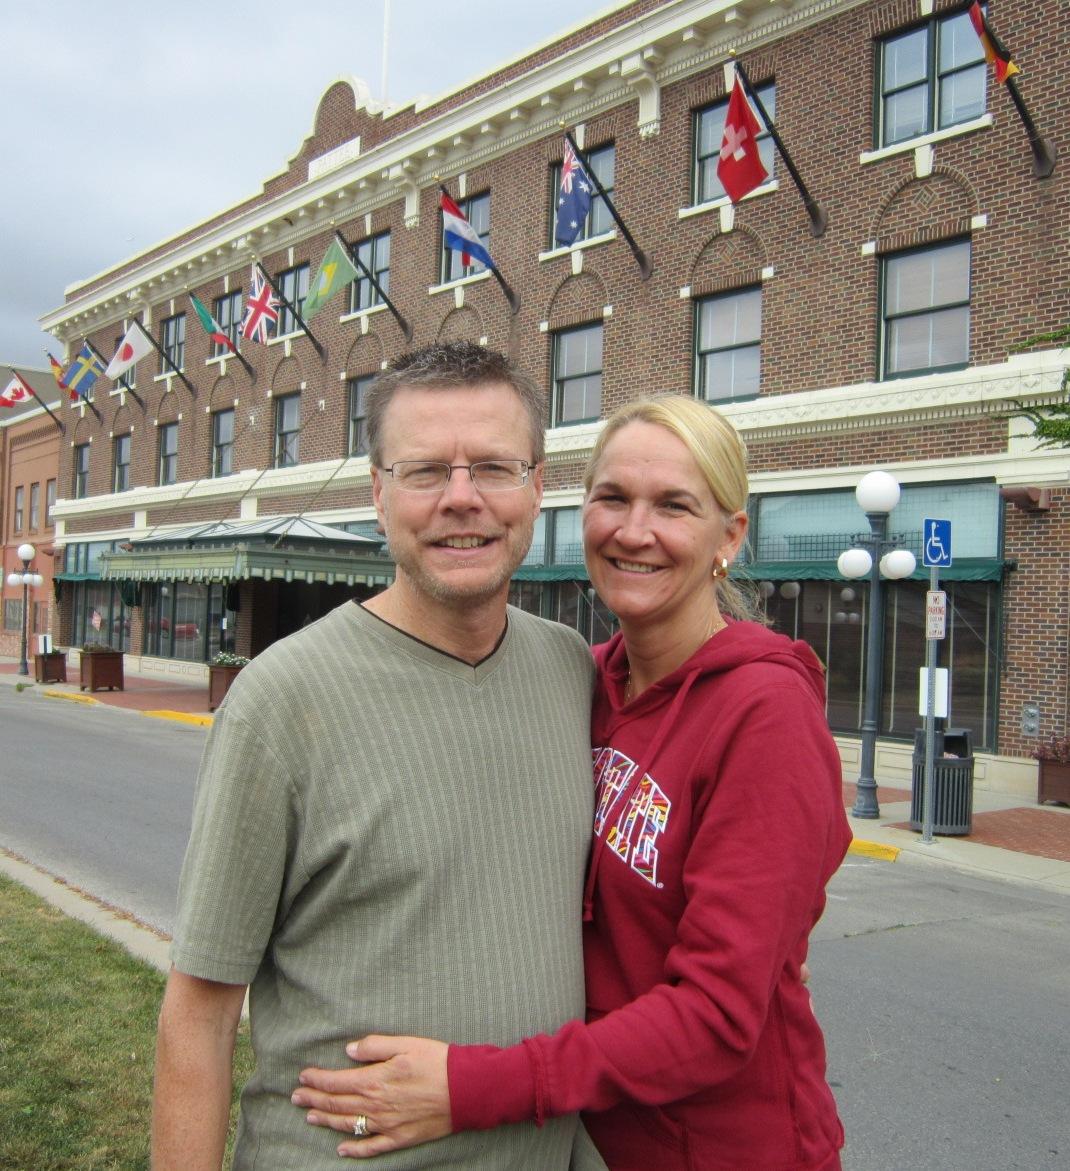 Jay & Denise Hartz Hotel Pattee Cropped.JPG